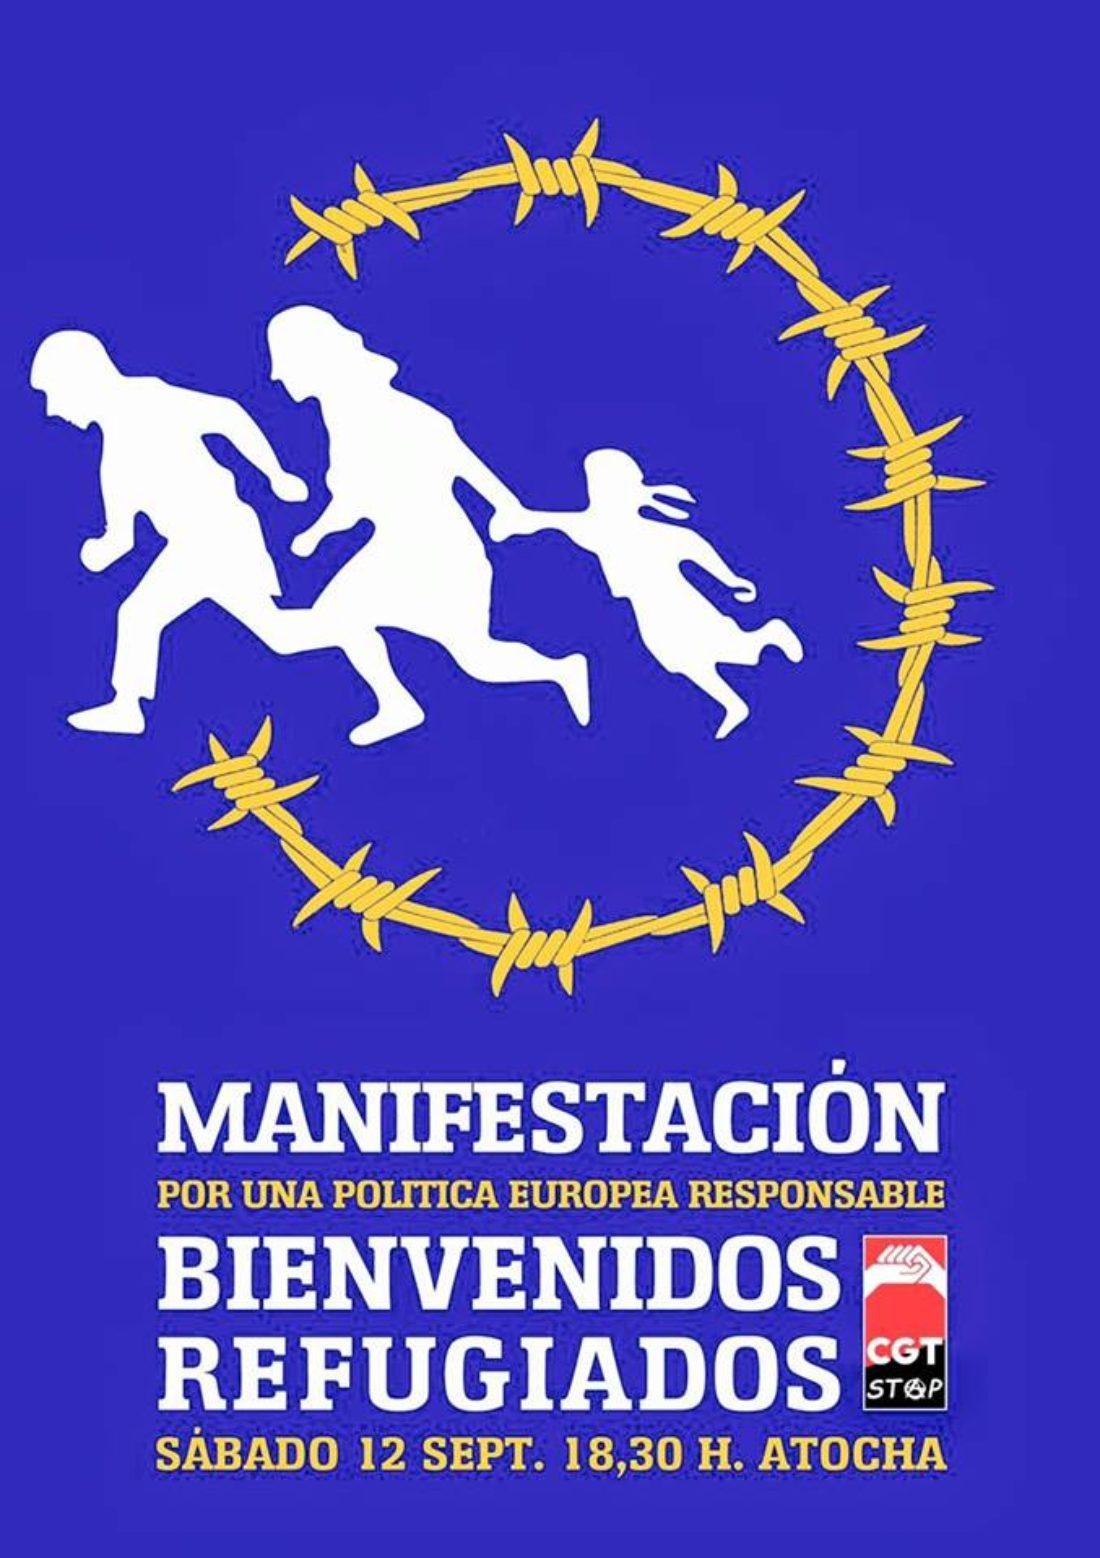 12-S: Manifestación Bienvenidos Refugiados